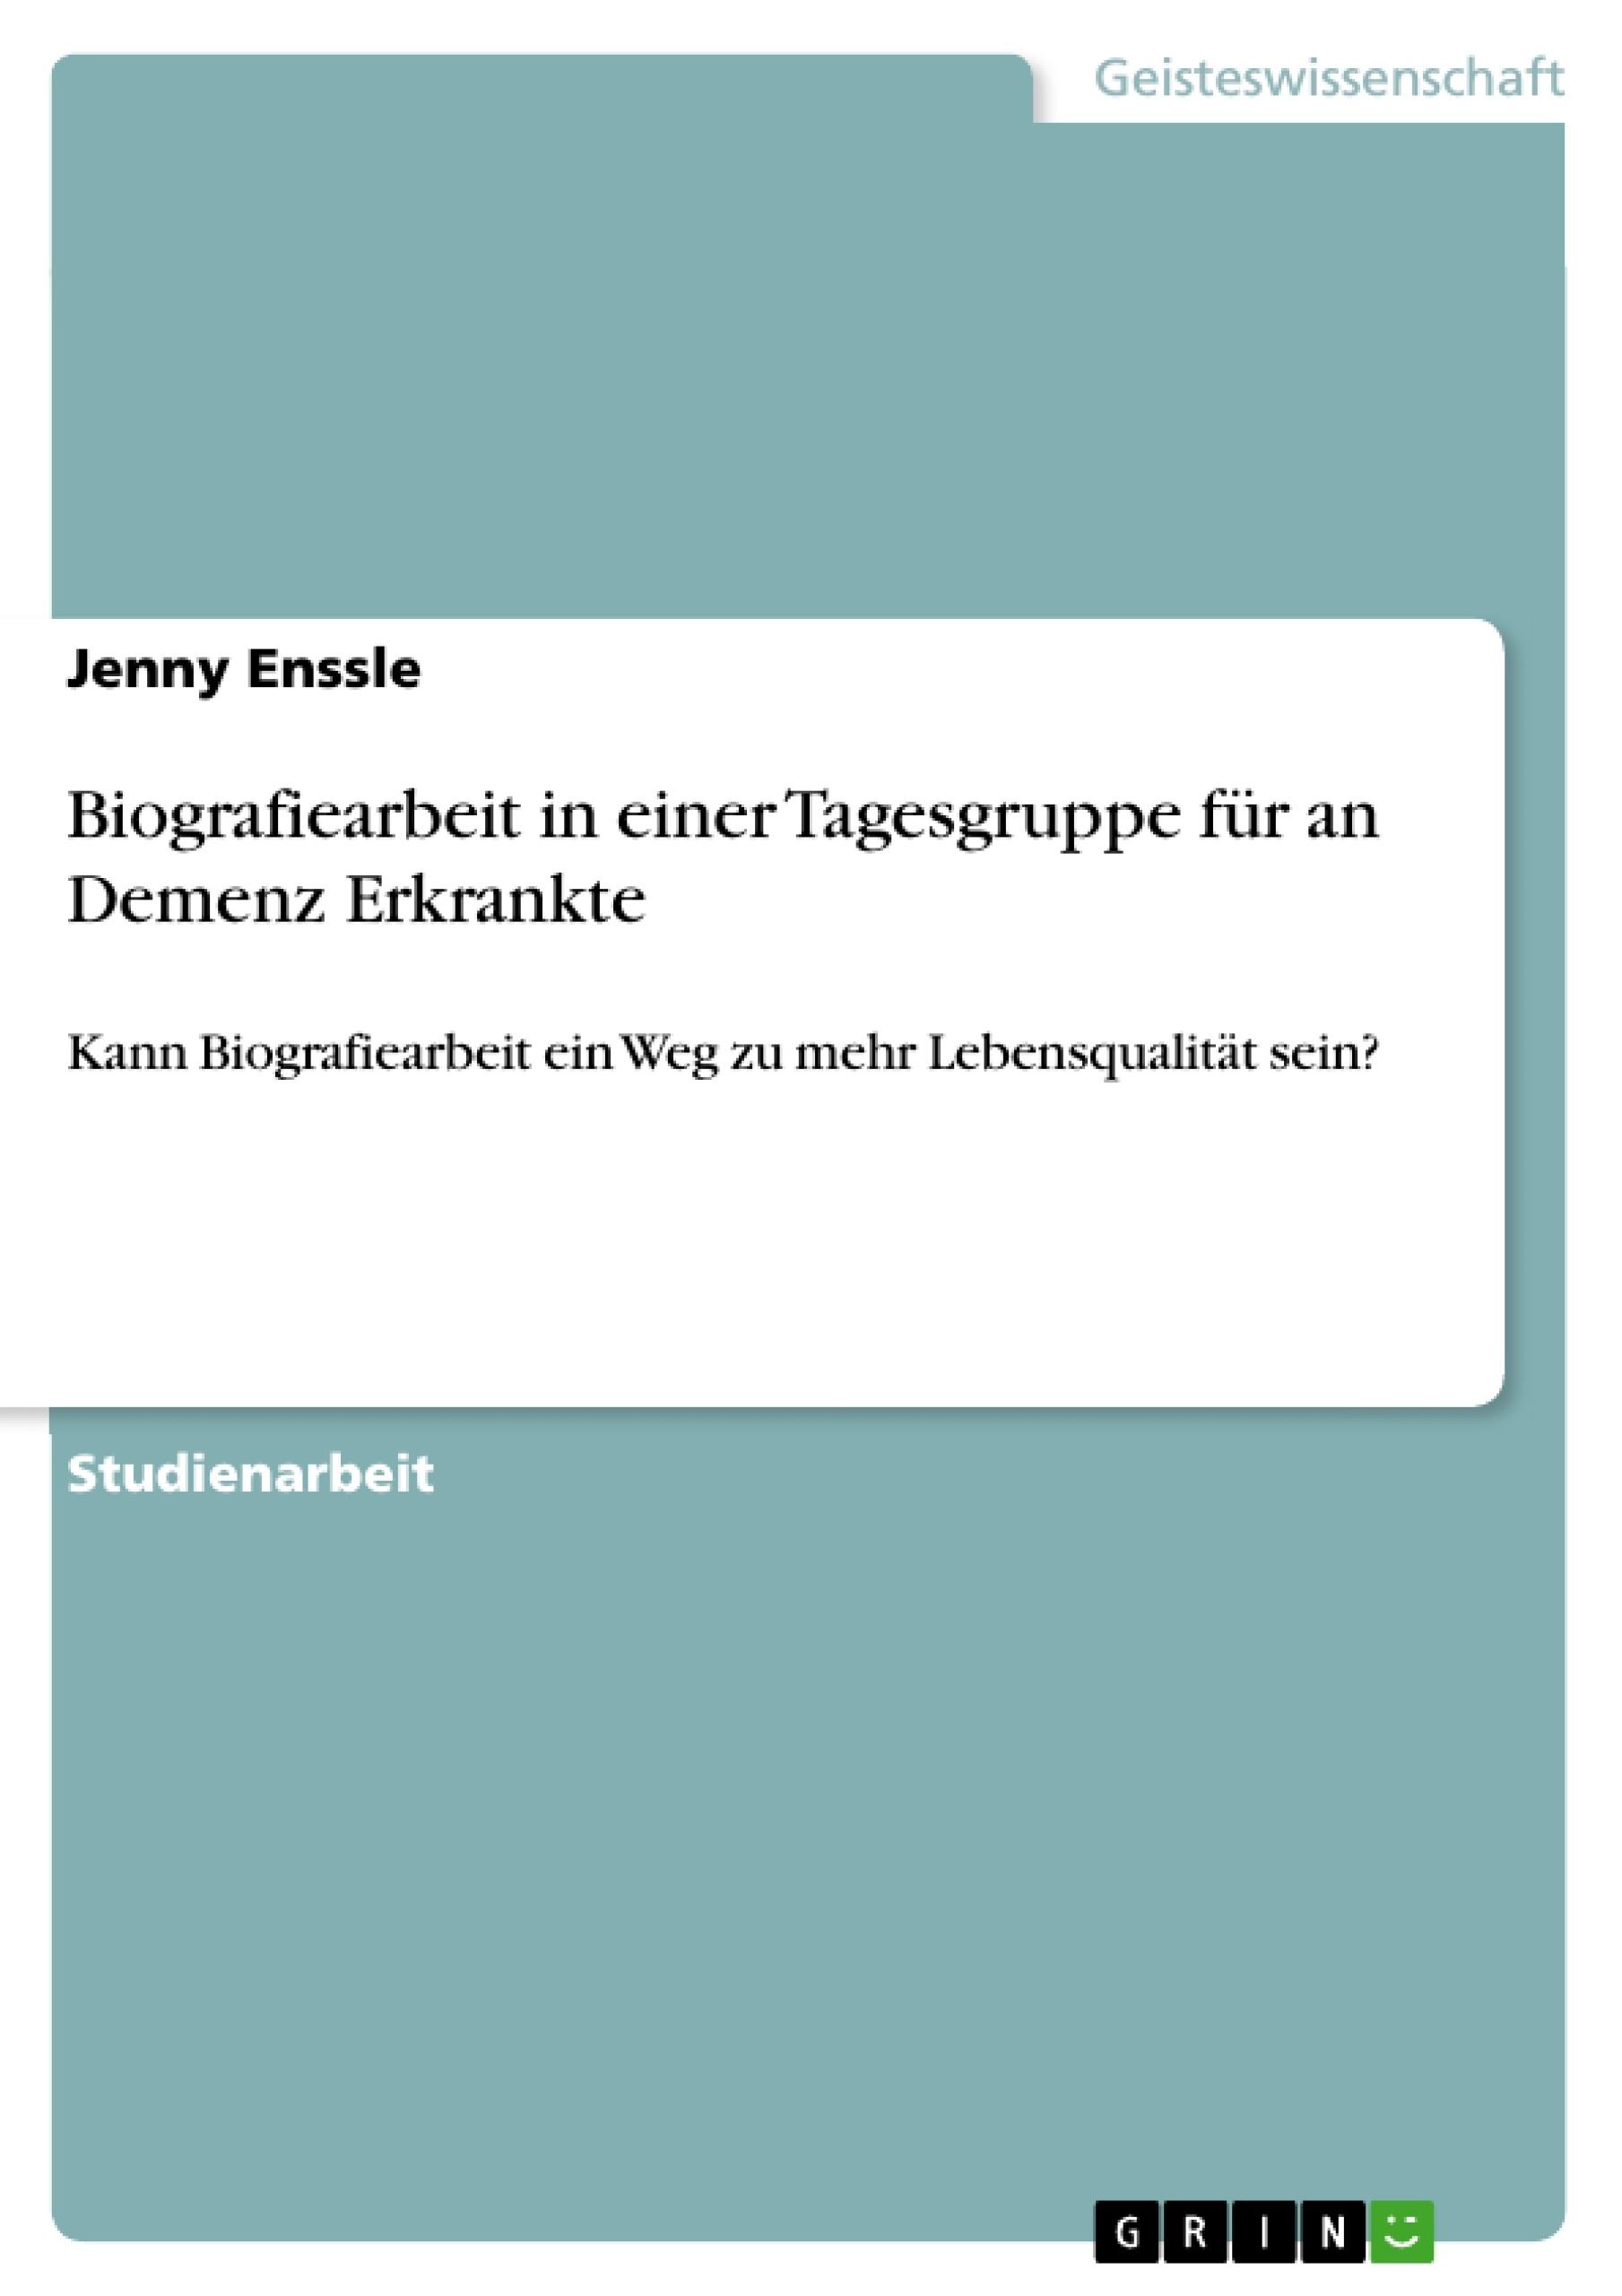 Titel: Biografiearbeit in einer Tagesgruppe für an Demenz Erkrankte